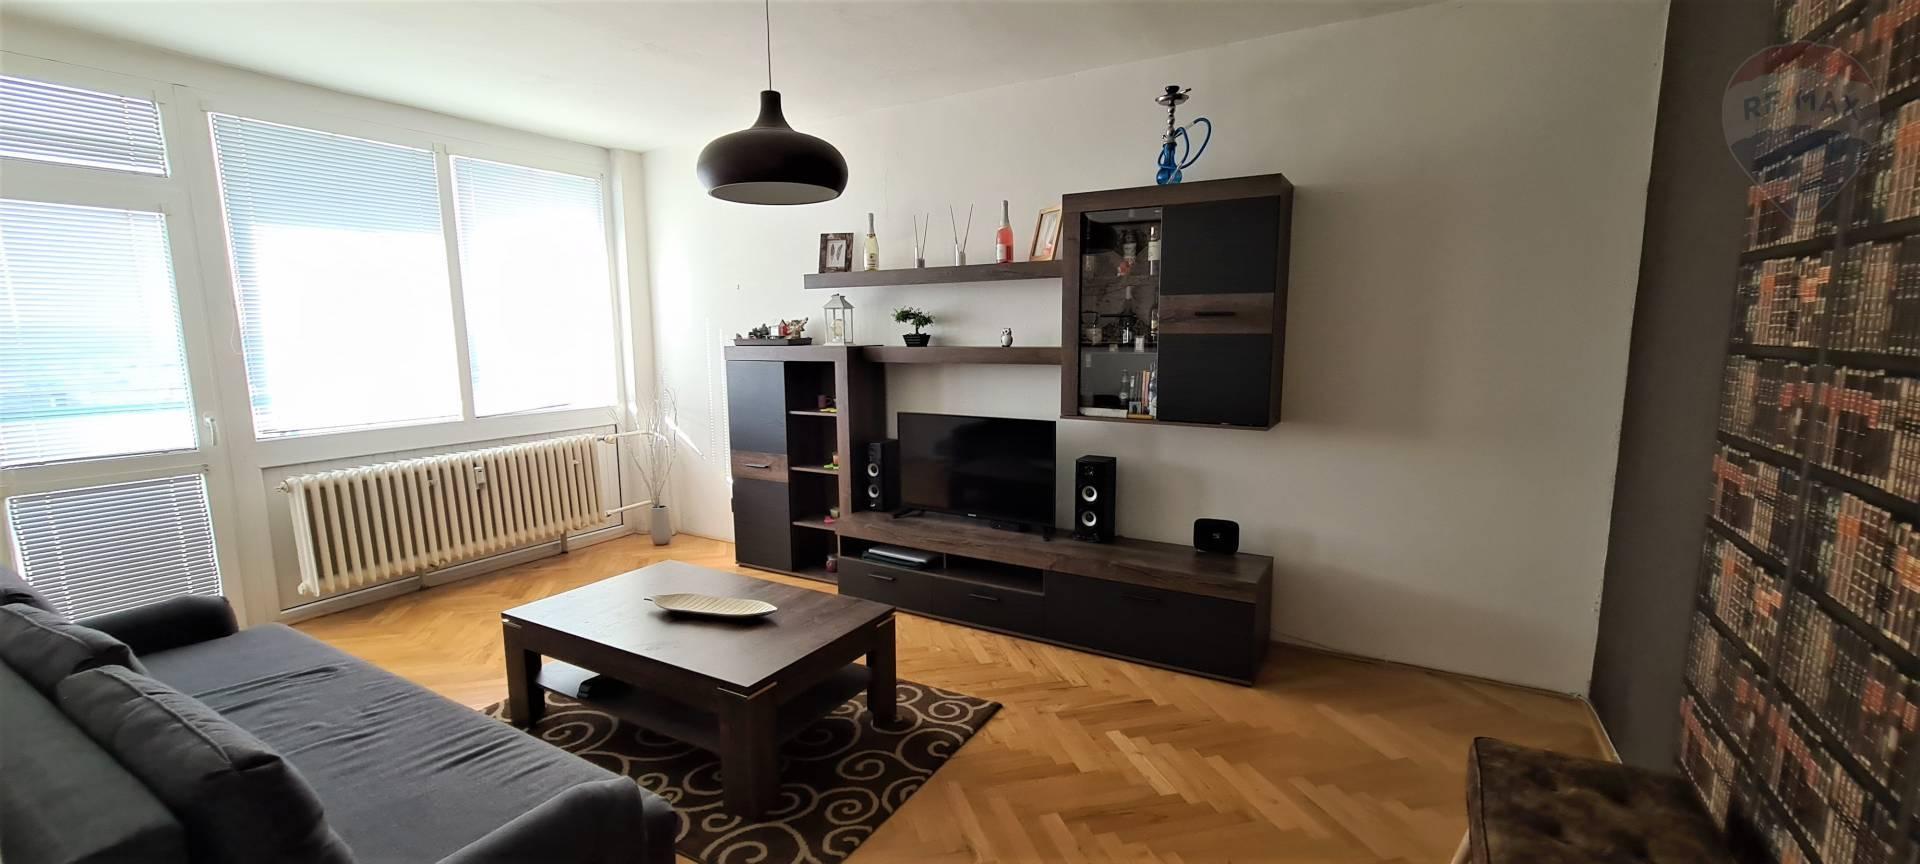 prenájom 2 izbový byt Nitra, Hviezdna